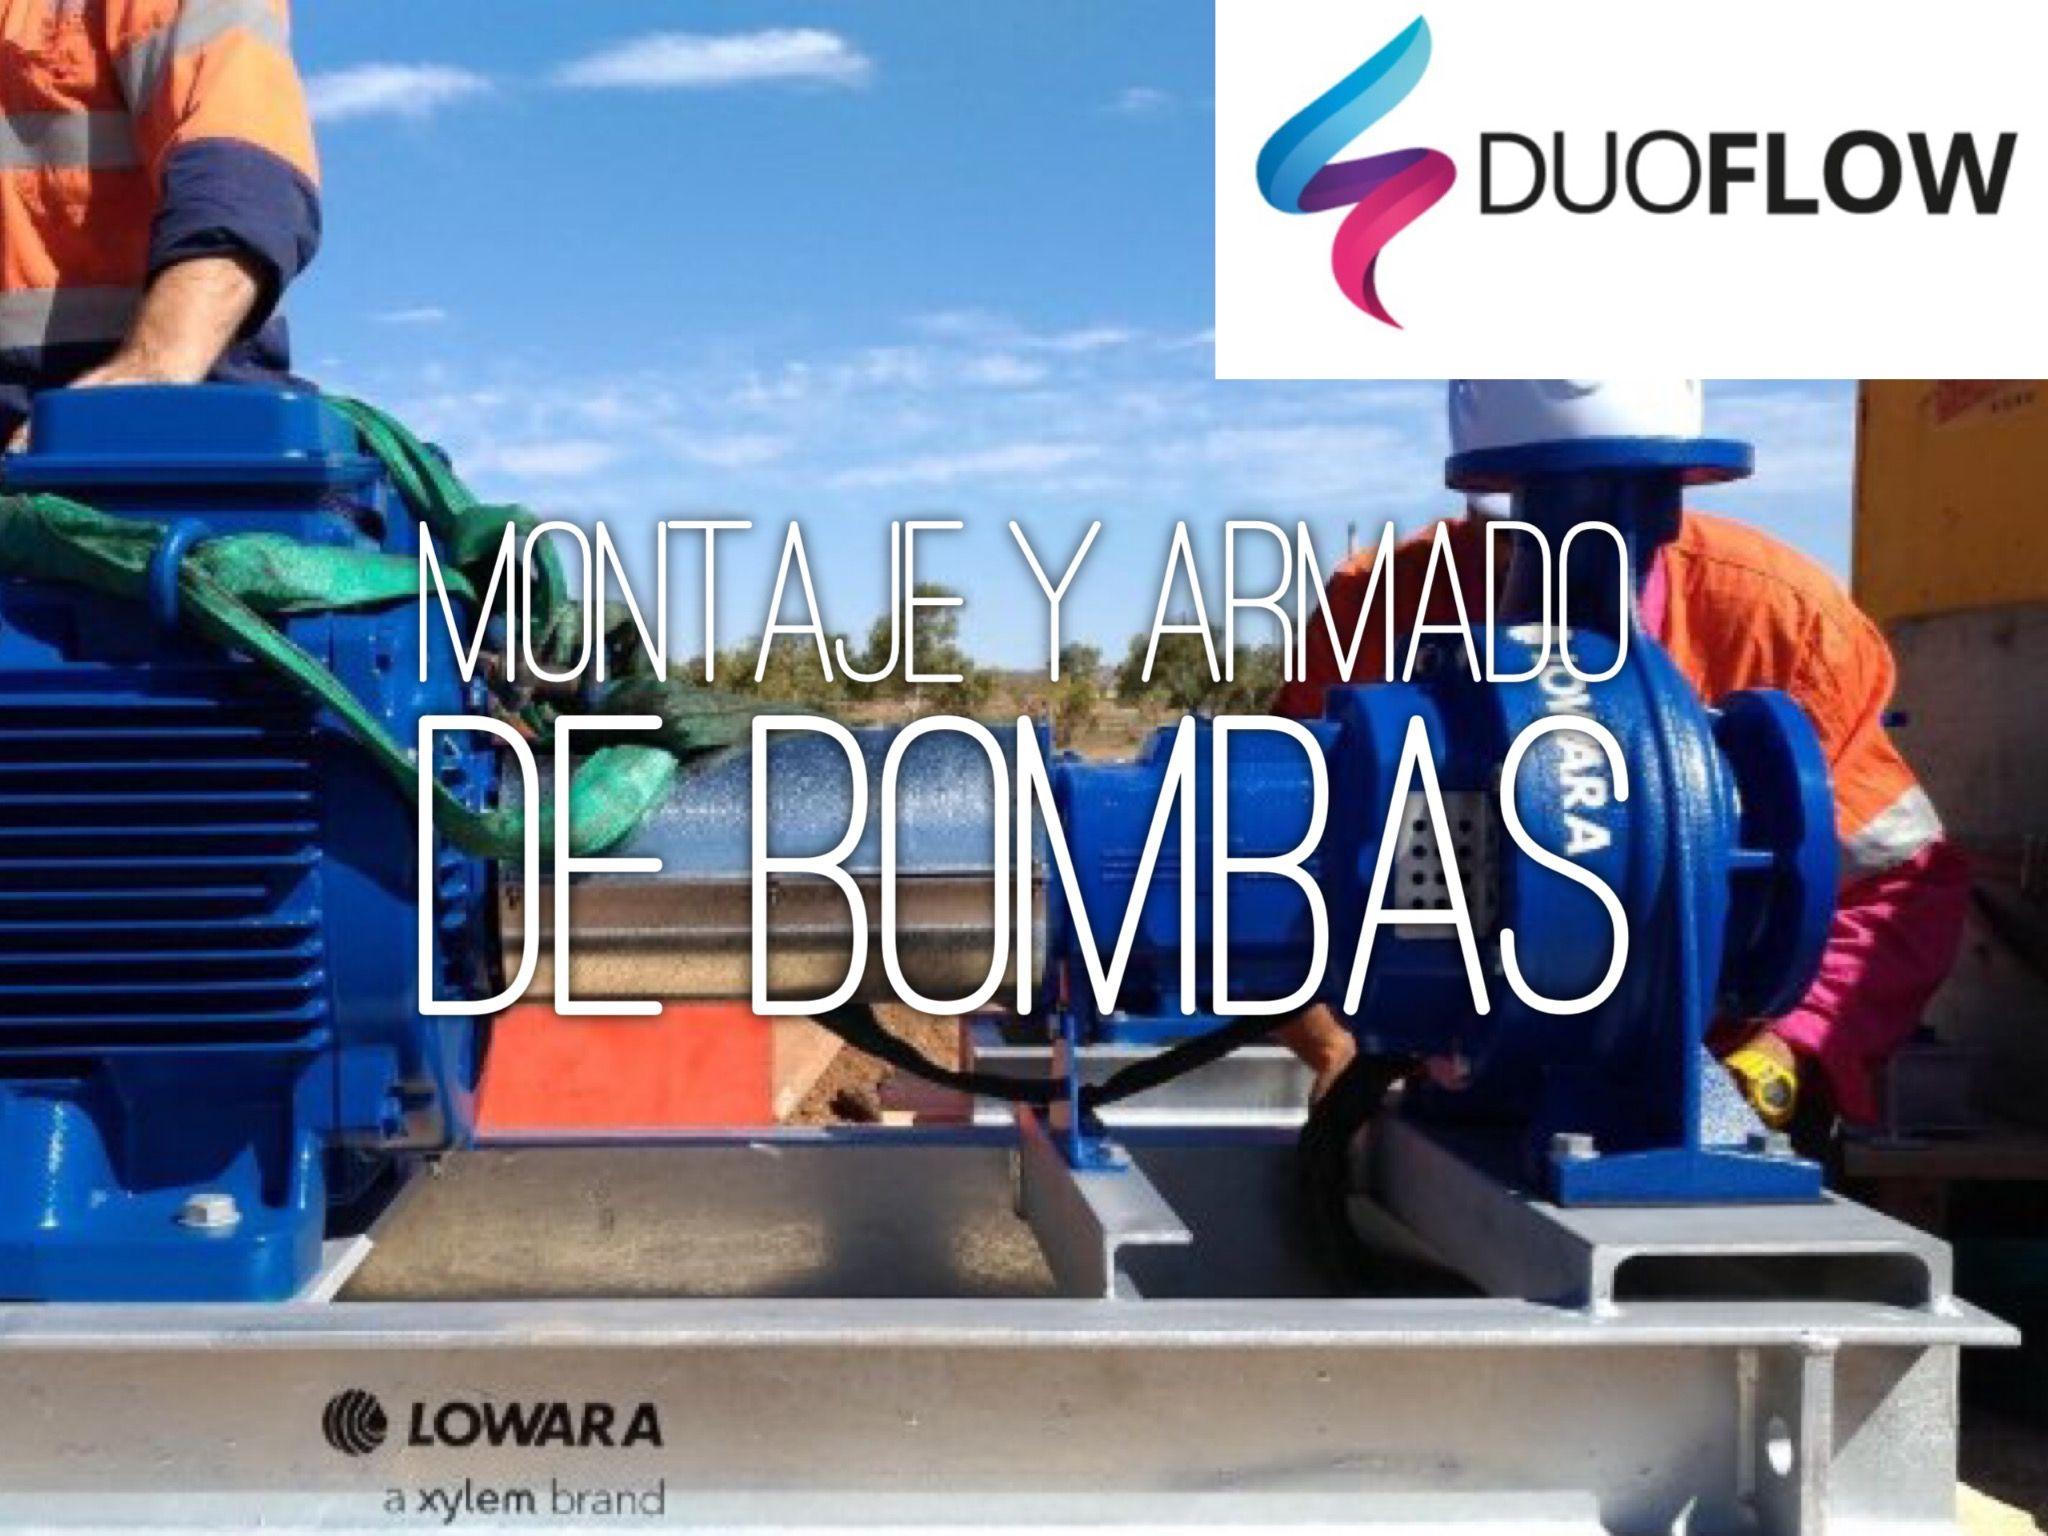 Bombas con o sin motor, con eje libre, armadas y/o para montar con servicio especializado!!!  #bombas #servicio #serviciotecnico #agualimpia #aguapotable #agua #industria #planta #plantadetratamiento #plantaindustrial #somosduoflow #duoflow #xylem #ksb #flygt #meganorm  #buenosaires #argentina